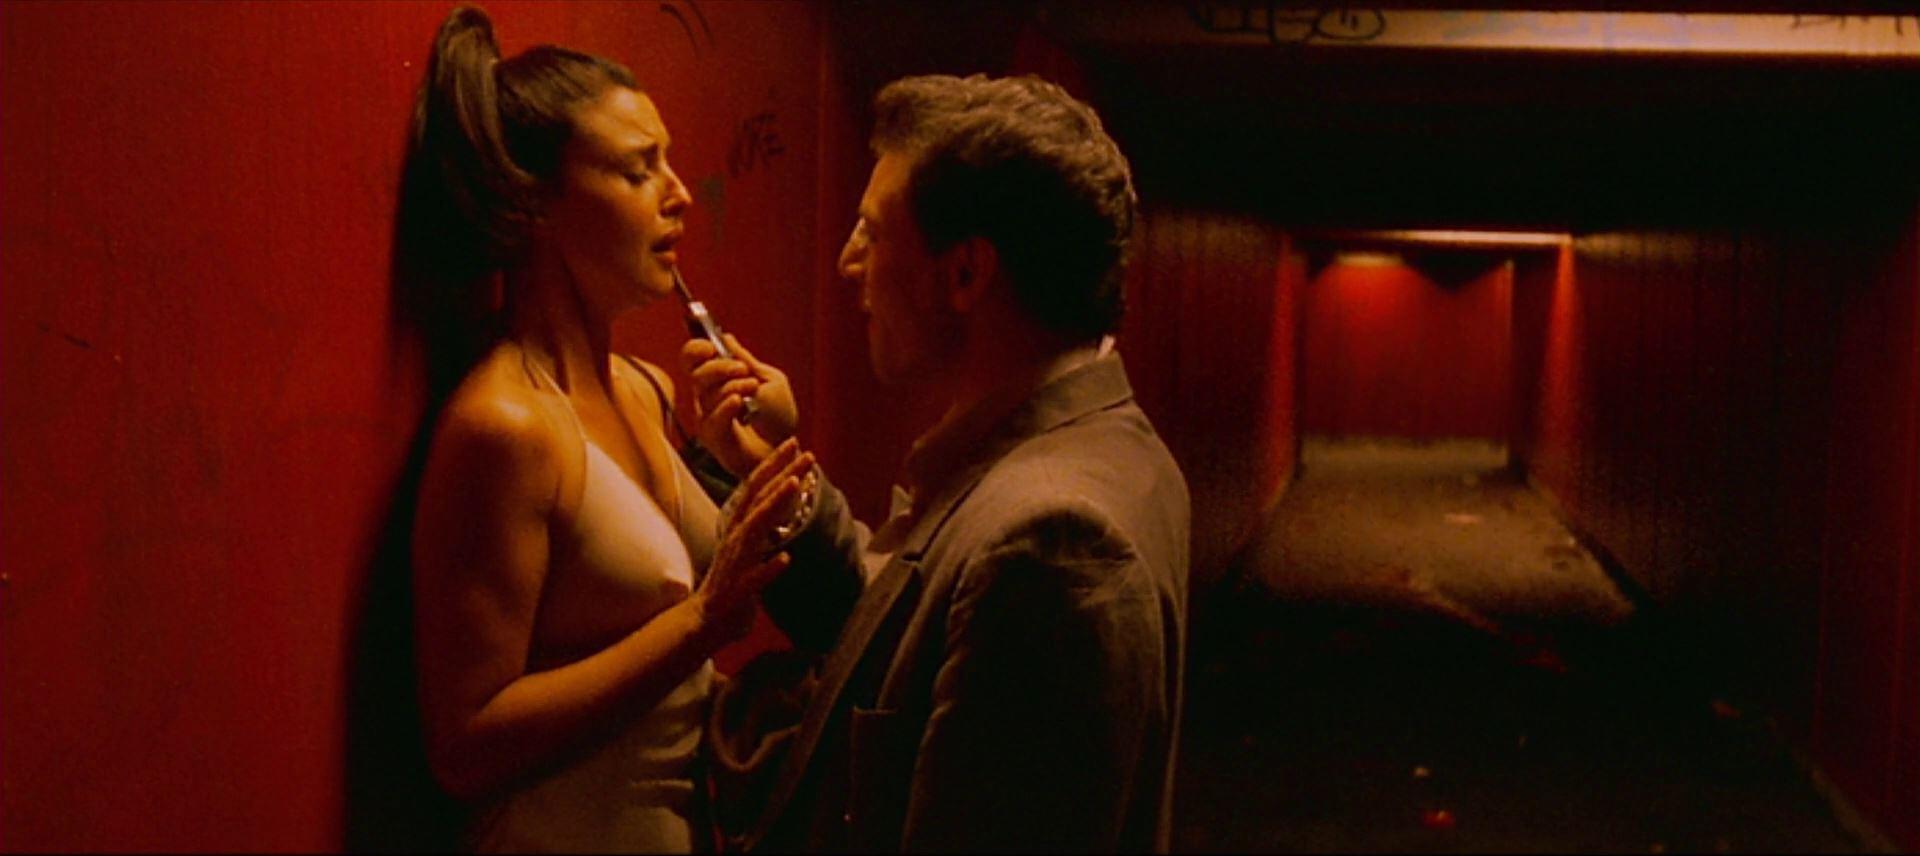 Сцены из фильма необротимость жестокого секса